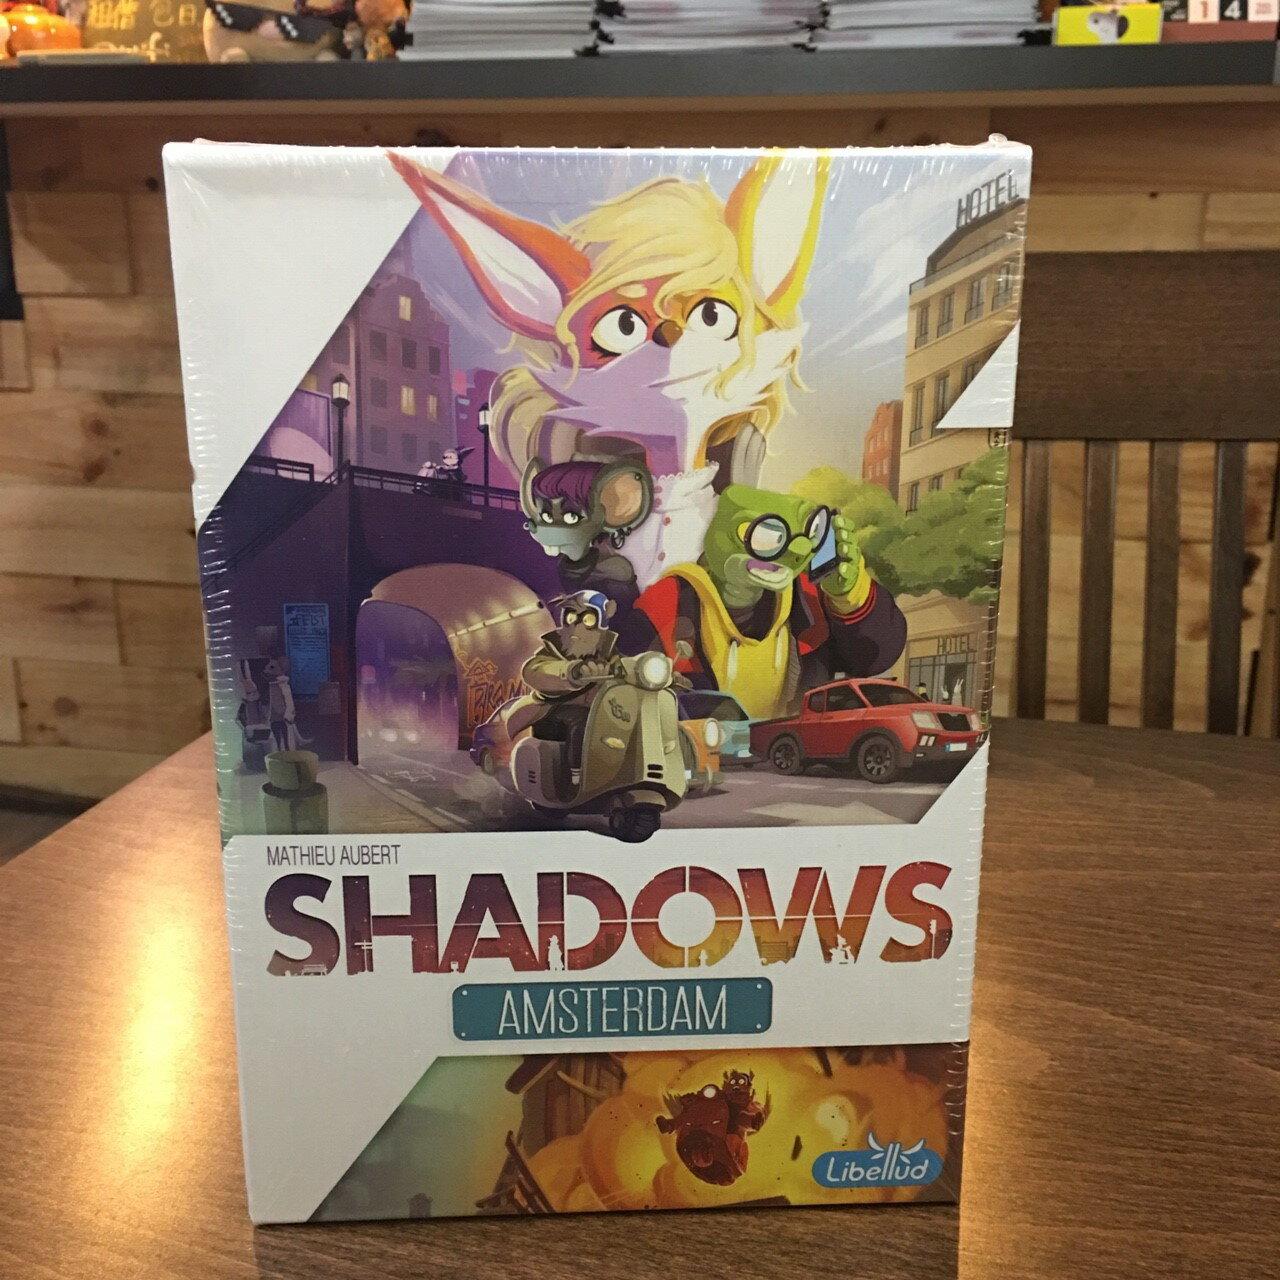 【桌遊侍】暗影行動:阿姆斯特丹 Shadows Amsterdam 刺激的分組遊戲! 實體店面快速出貨 《免運.再送充足牌套》任兩件再九折喔!!